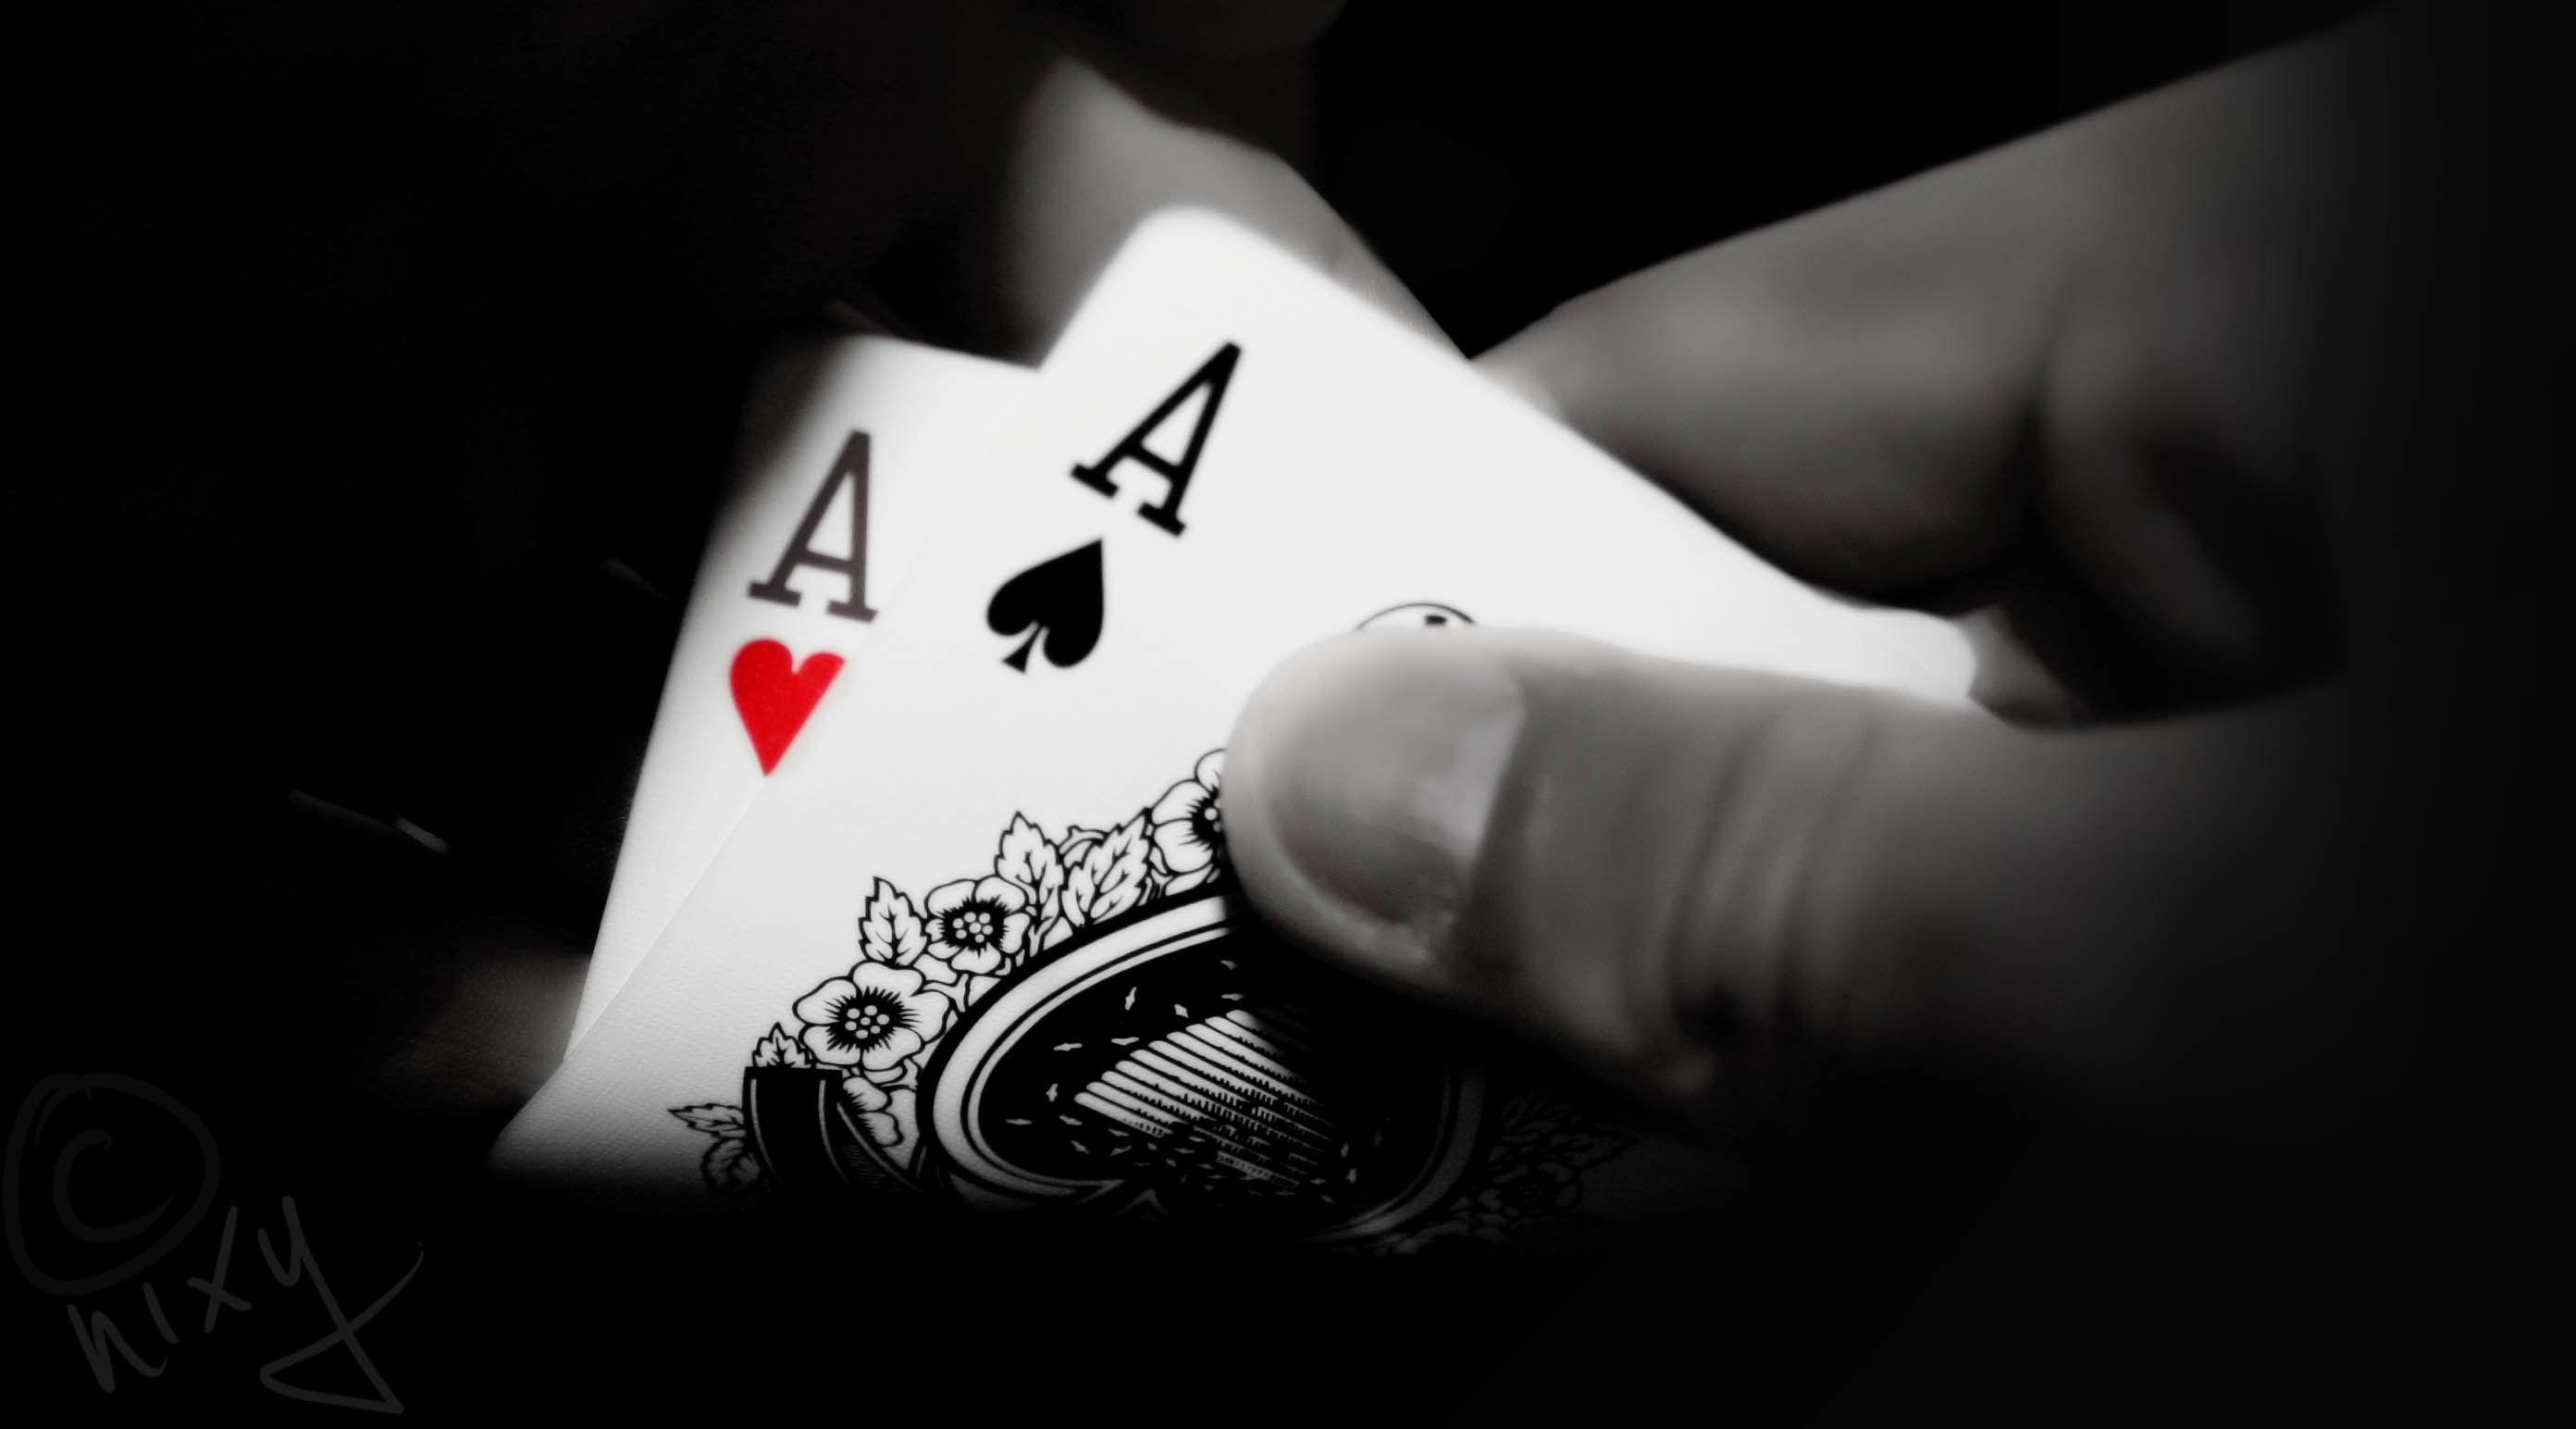 Rumus Menang Taruhan Di Situs Poker Deposit Pulsa